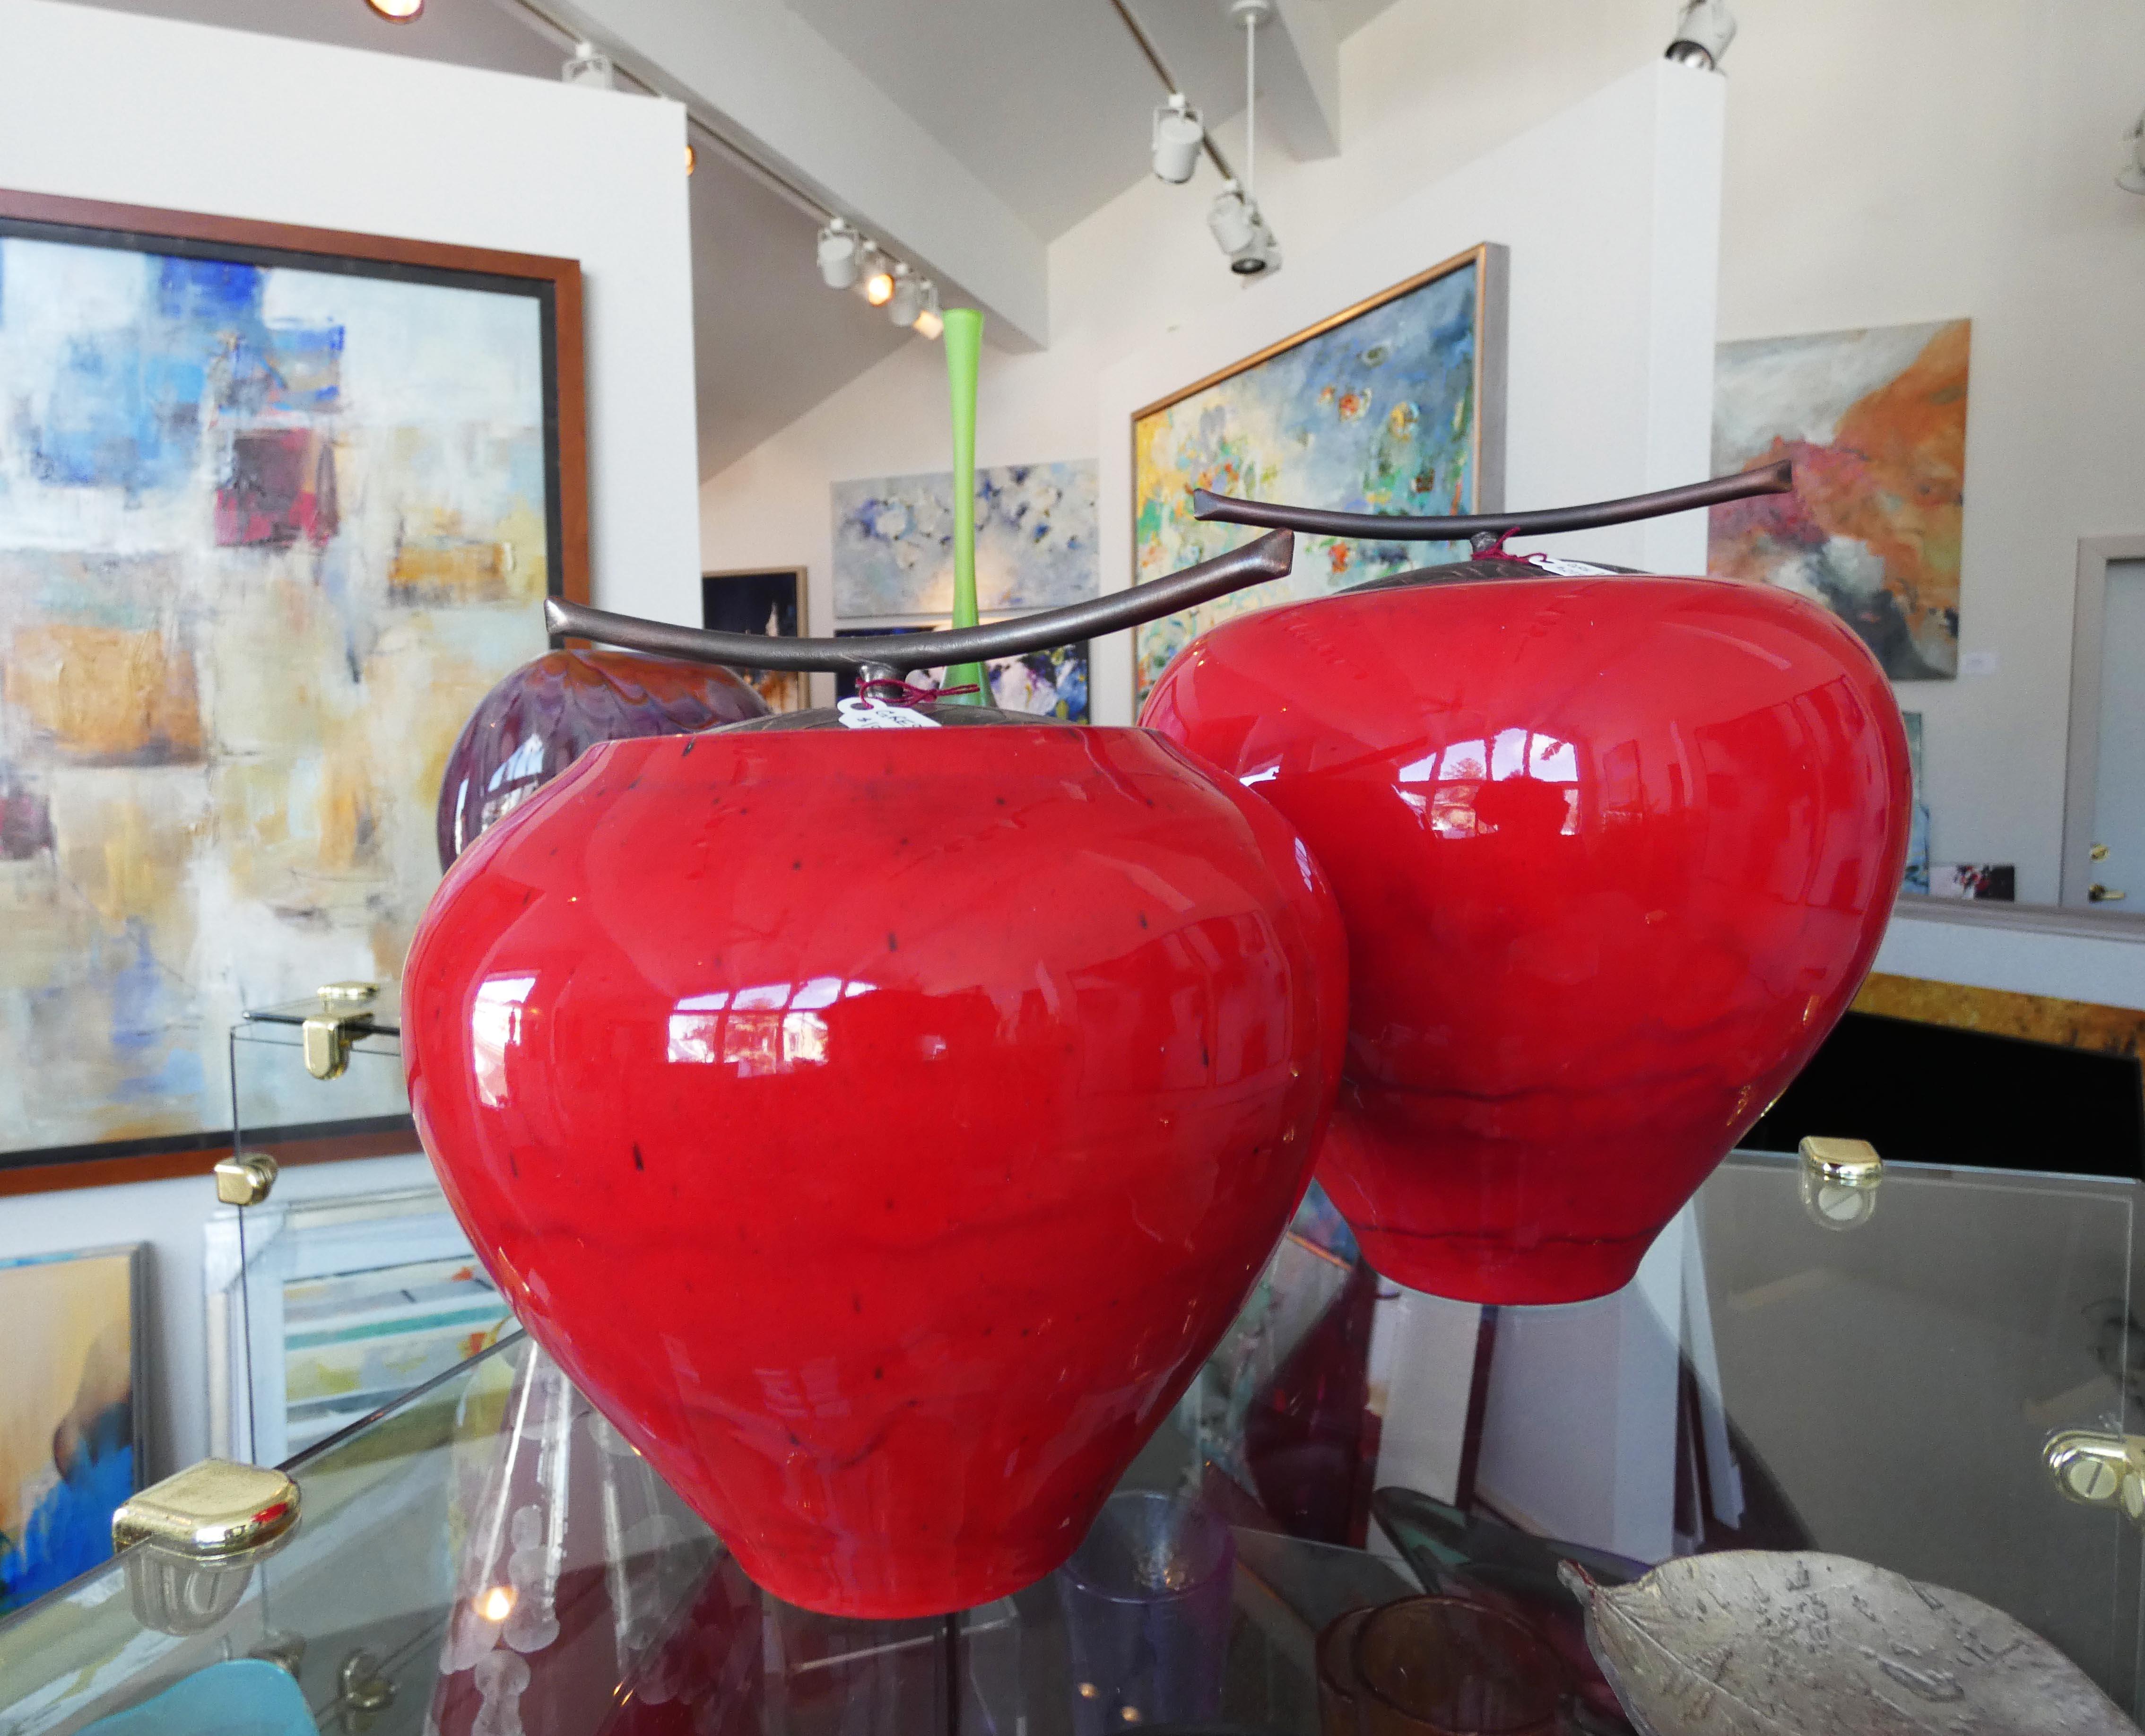 Carol Green vessels